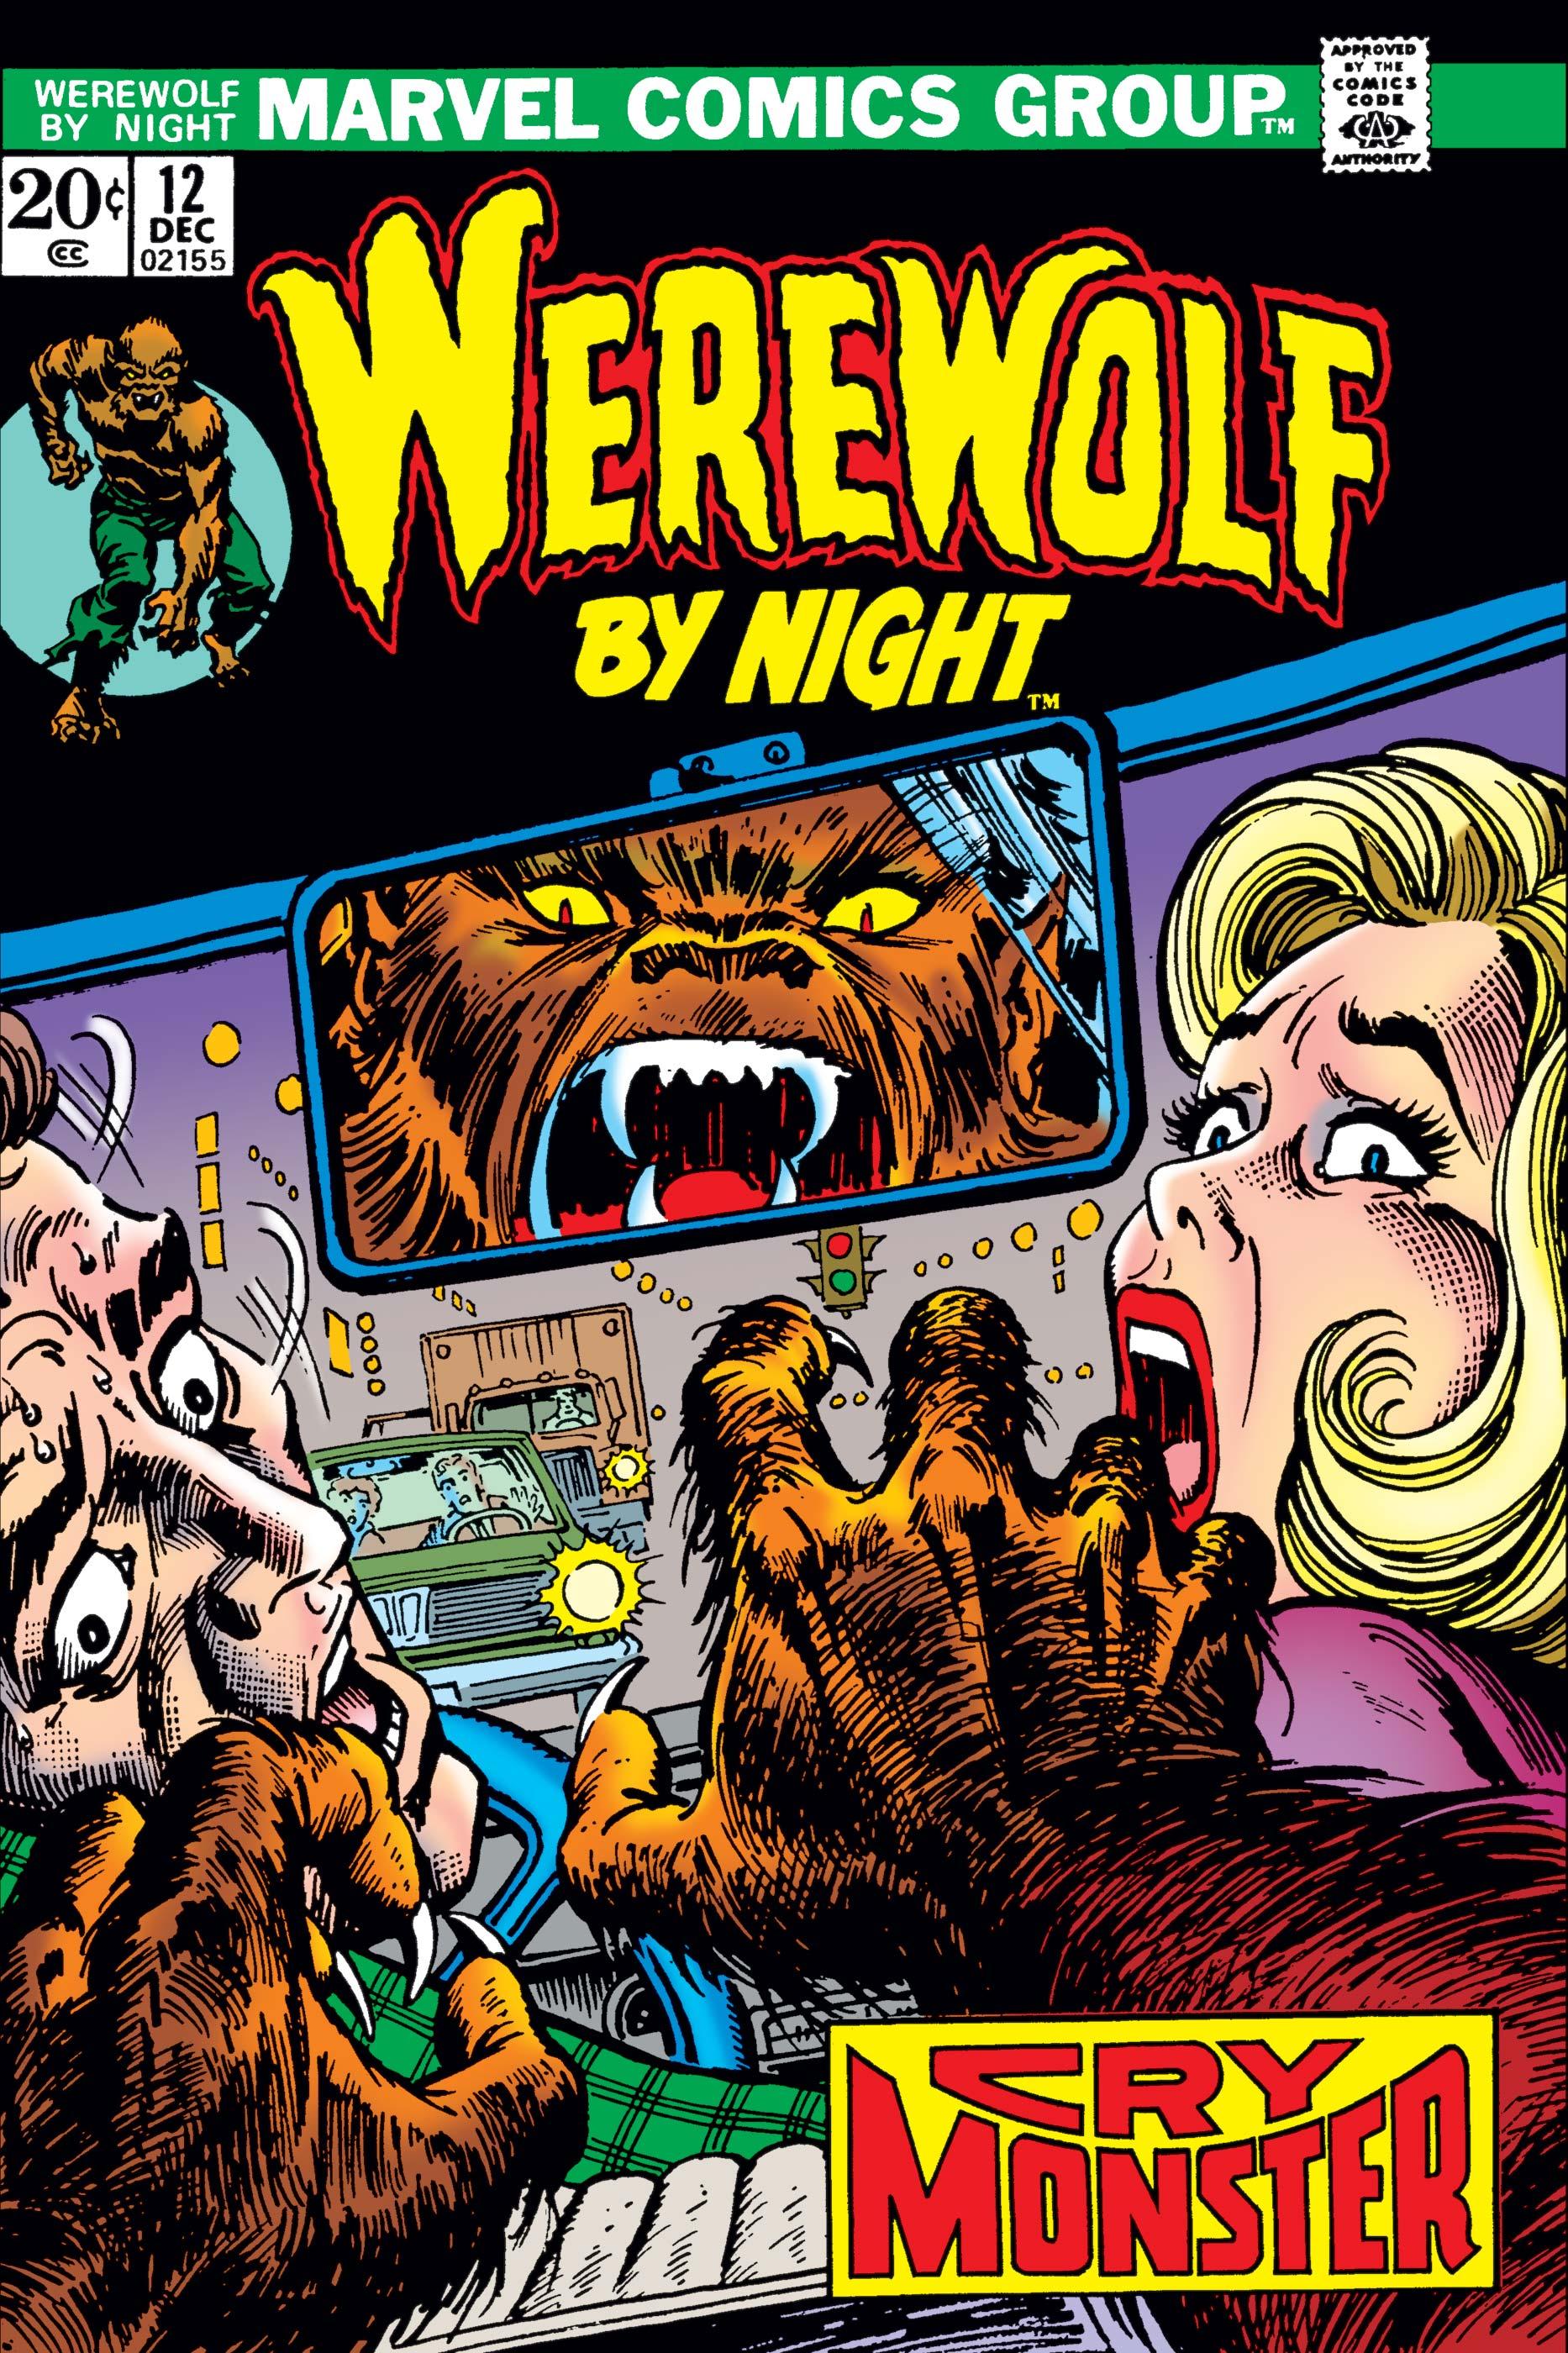 Werewolf By Night (1972) #12